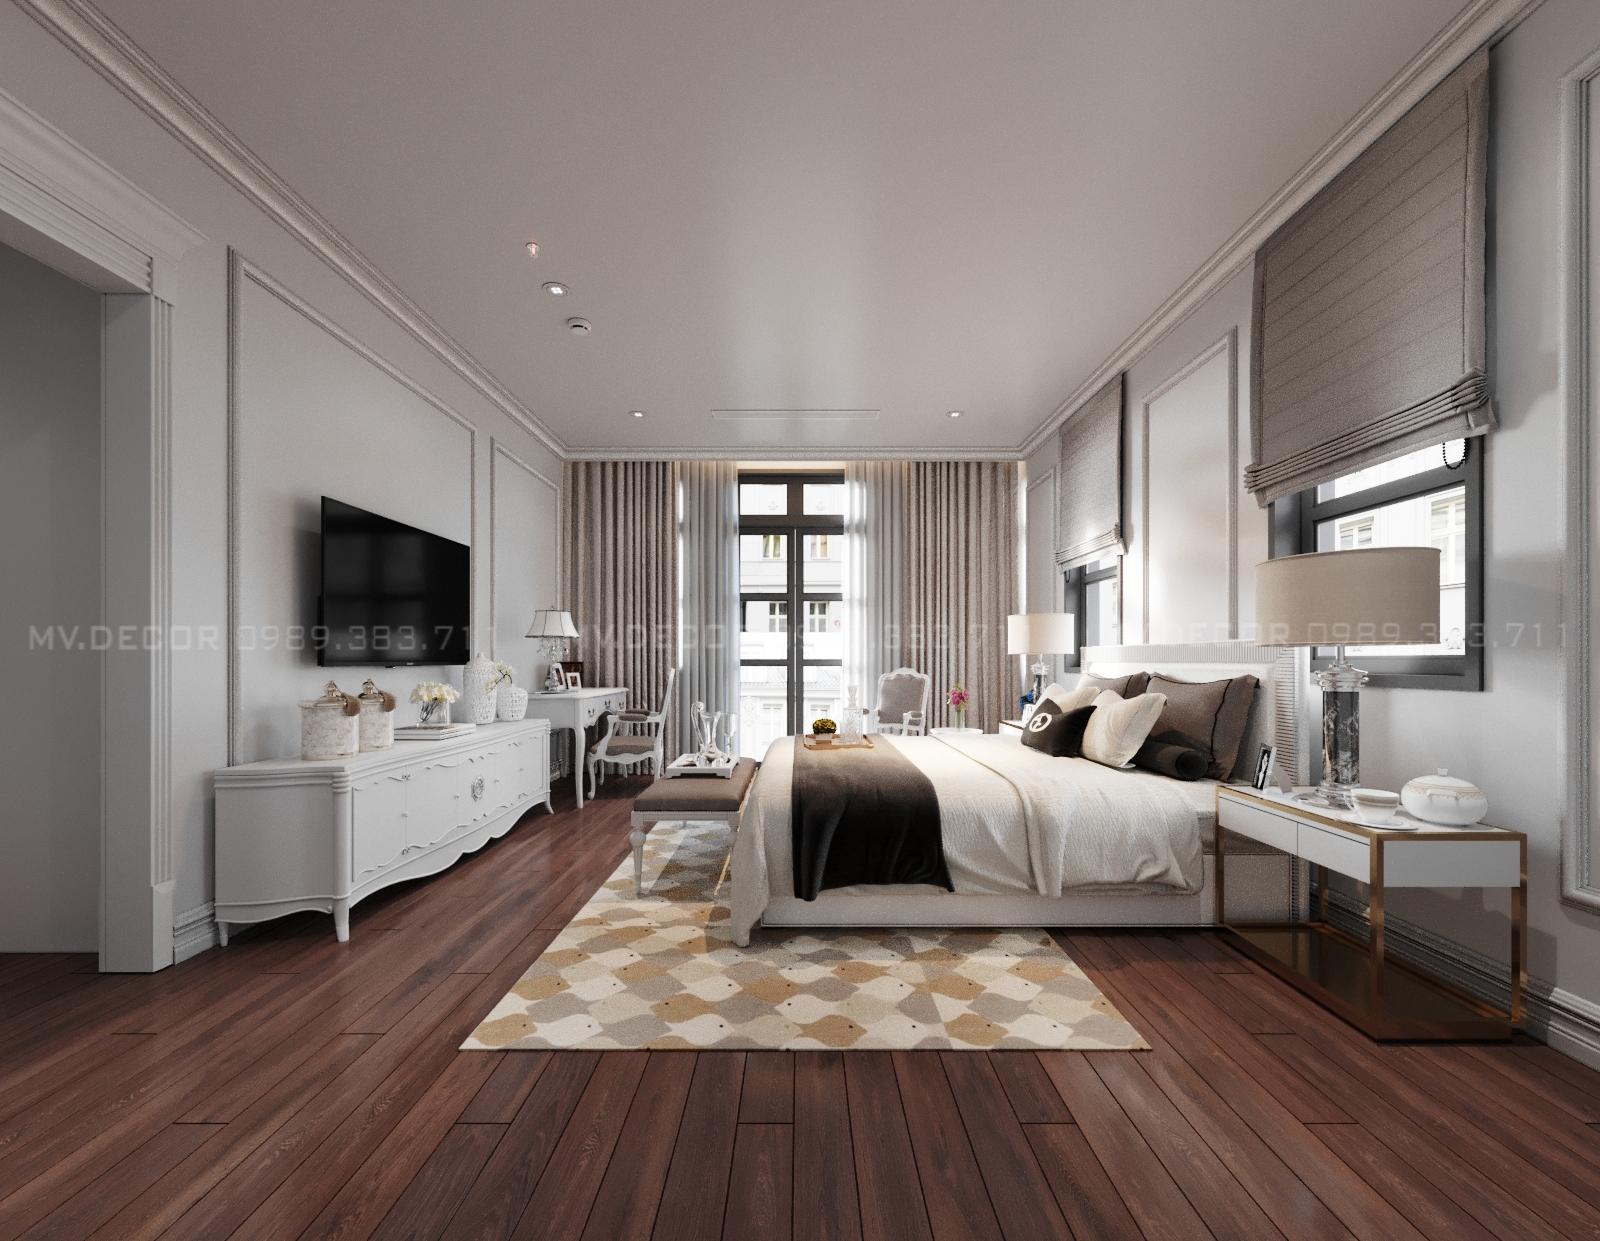 thiết kế nội thất Biệt Thự tại Hải Phòng BT VENICE 6-26 18 1564932017